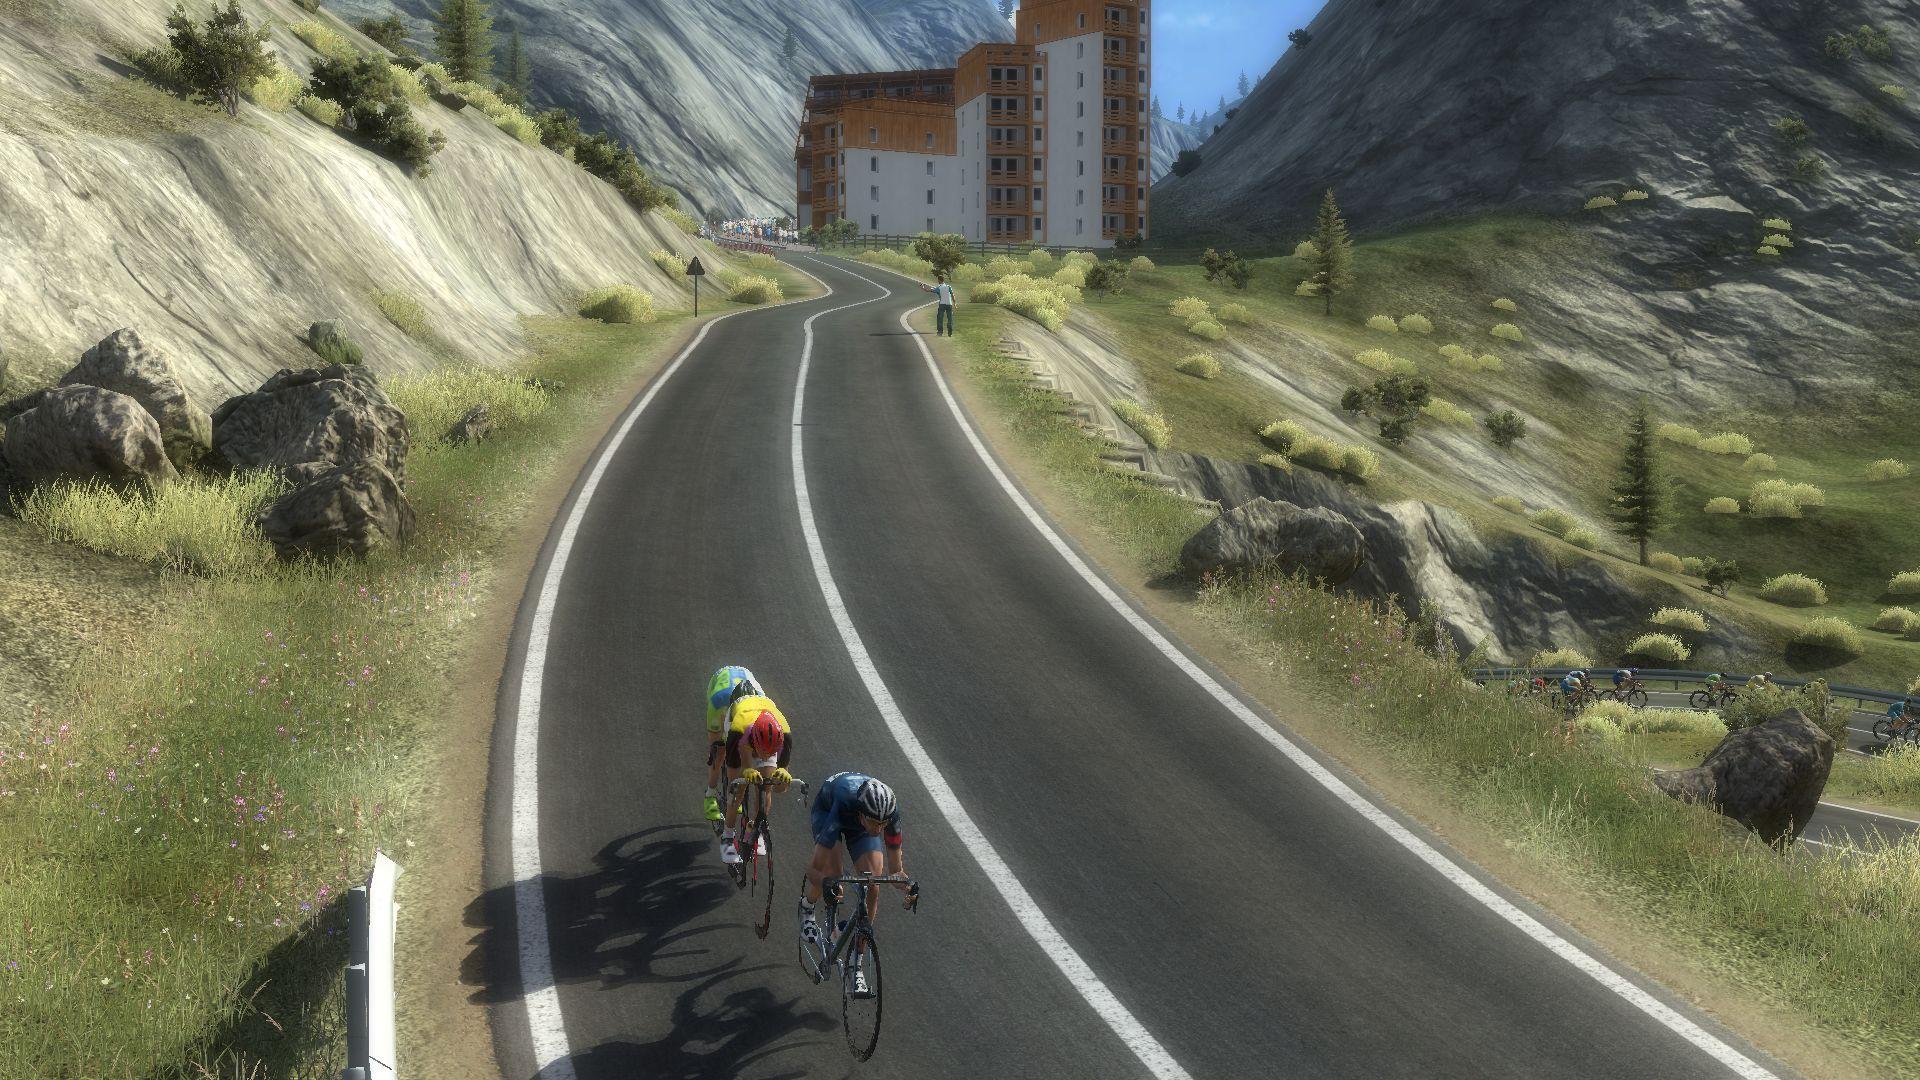 pcmdaily.com/images/mg/2020/Reports/C1/Andorra/TdAS5%206.jpg